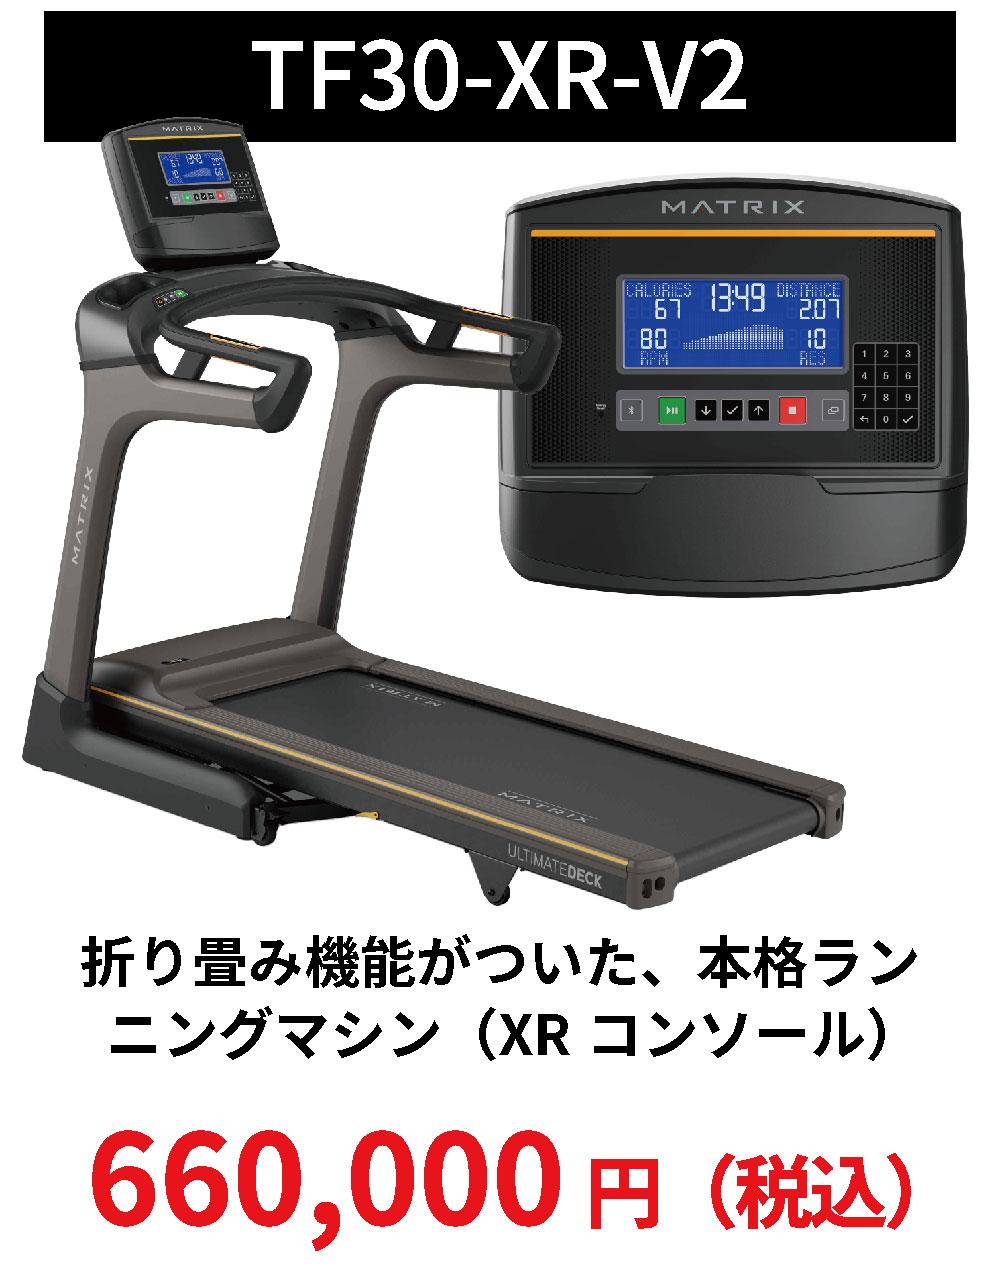 TF30-XR